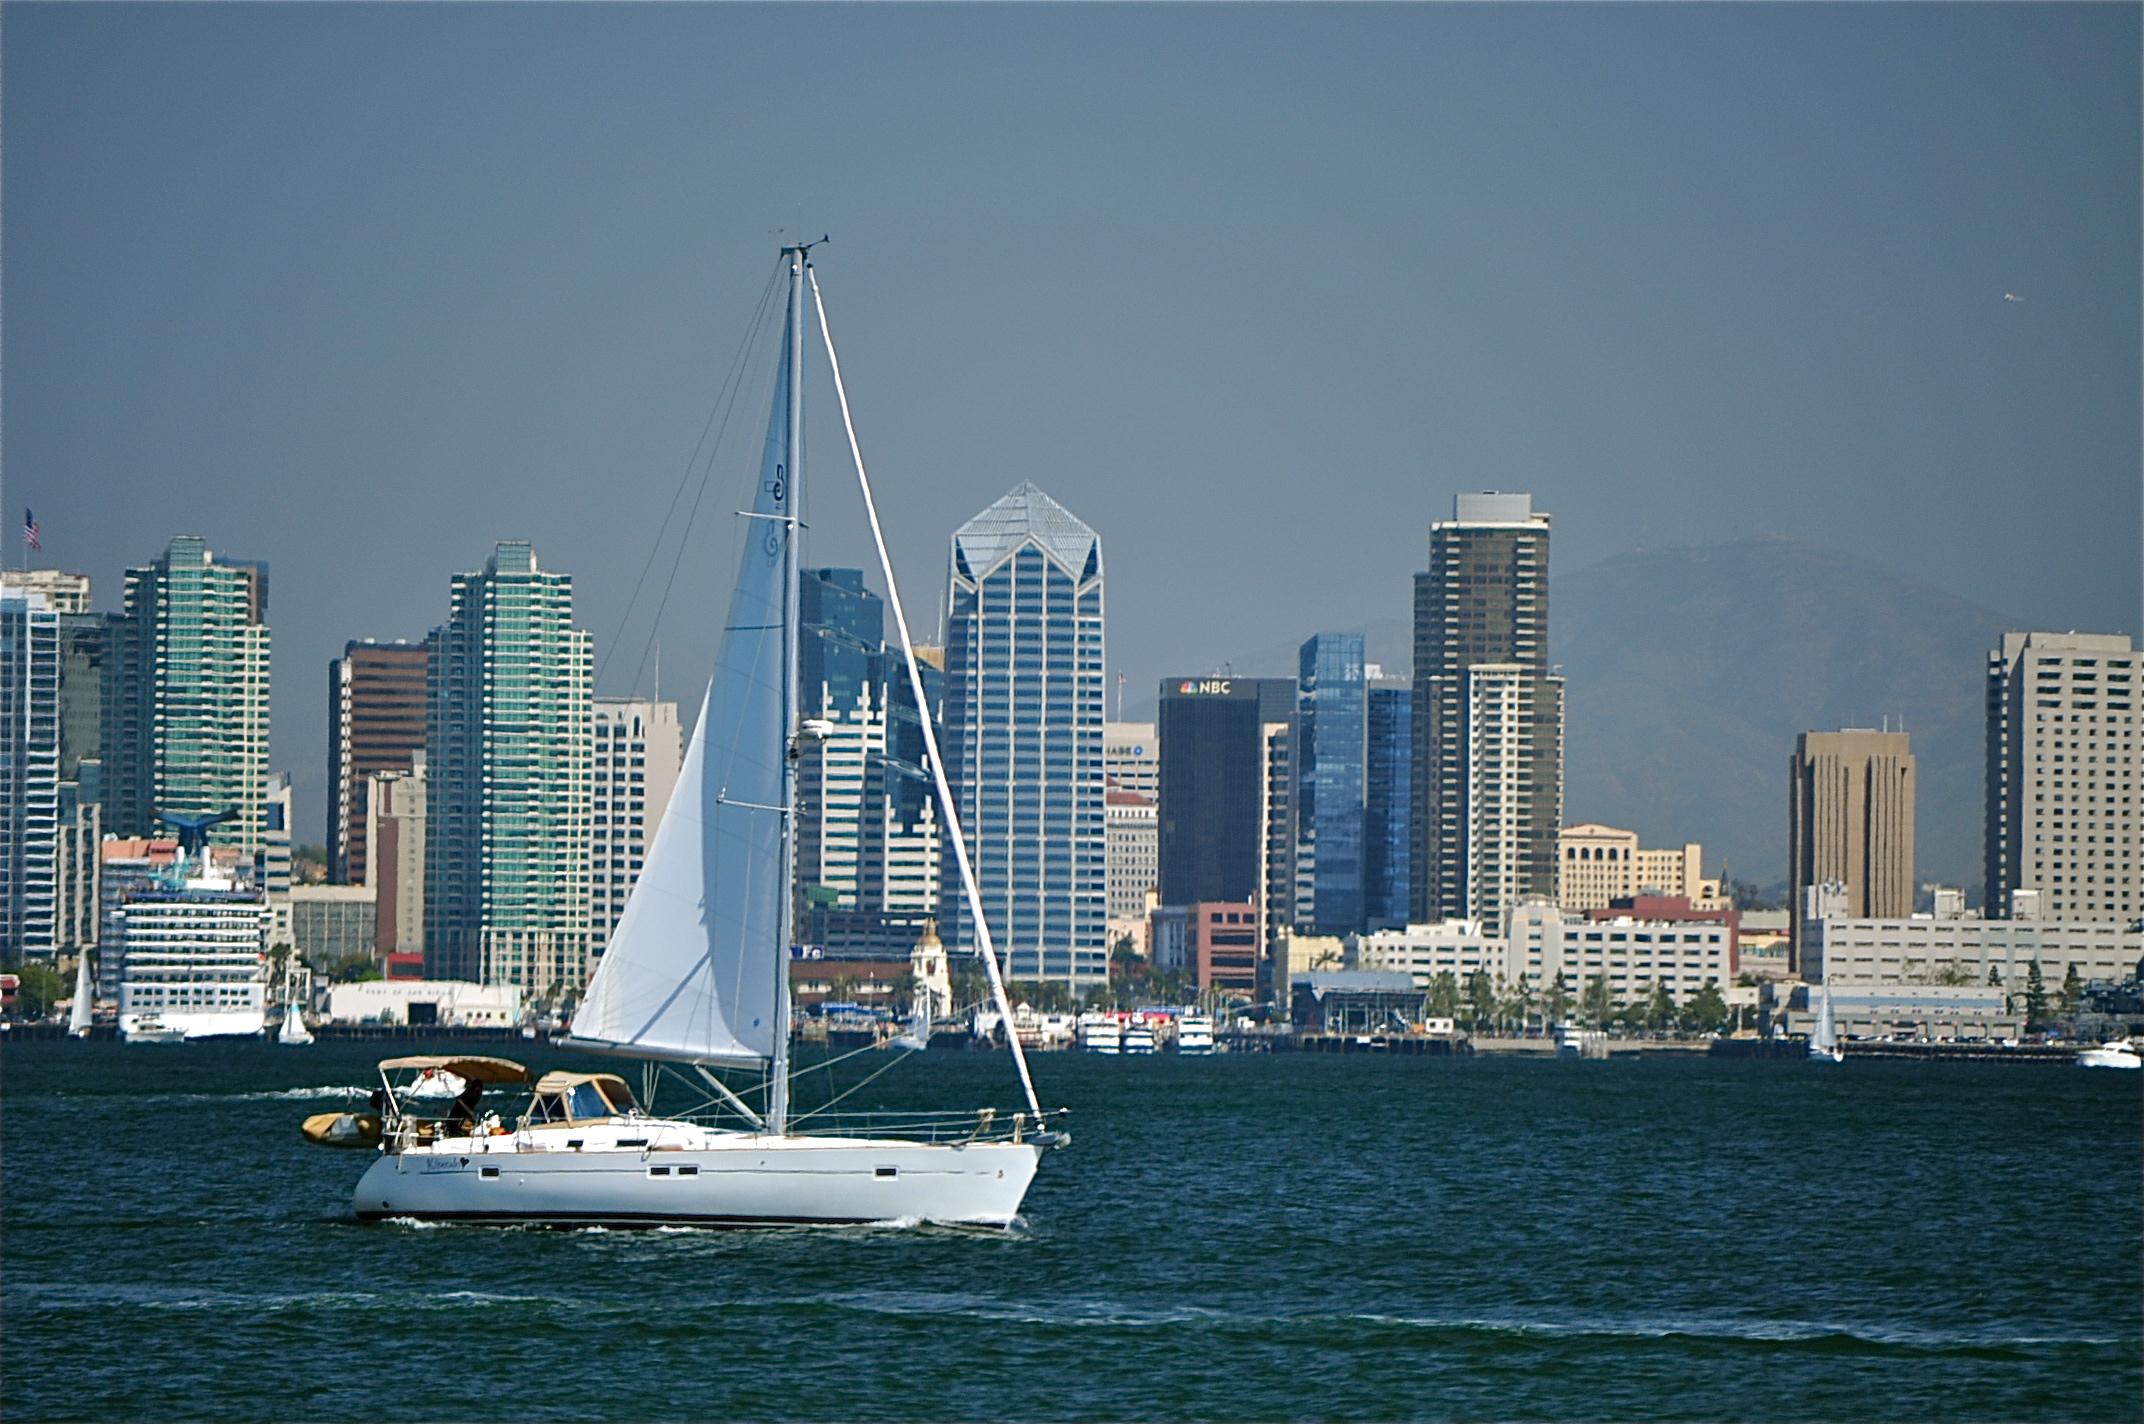 Skylines: San Diego, CA & Seattle, WA: www.blackchickontour.com/skylines-san-diego-ca-seattle-wa